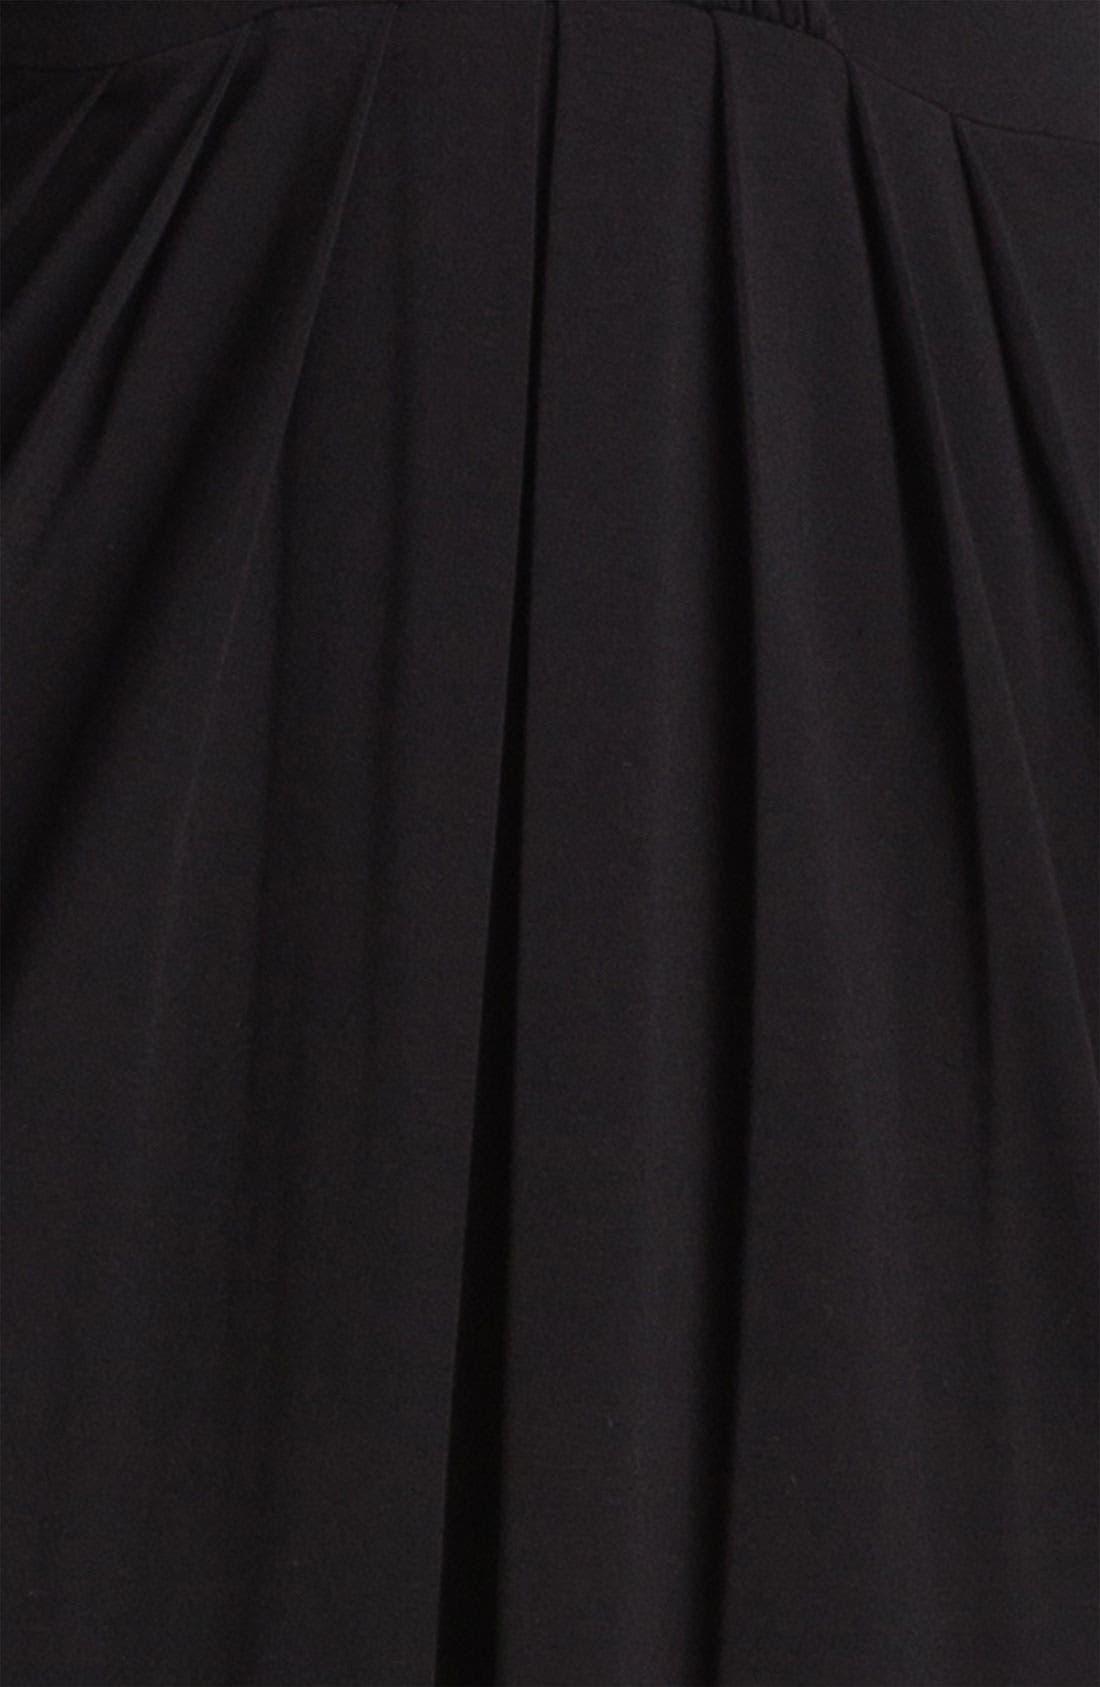 Alternate Image 3  - Karen Kane Shirred Faux Wrap Dress (Online Exclusive)